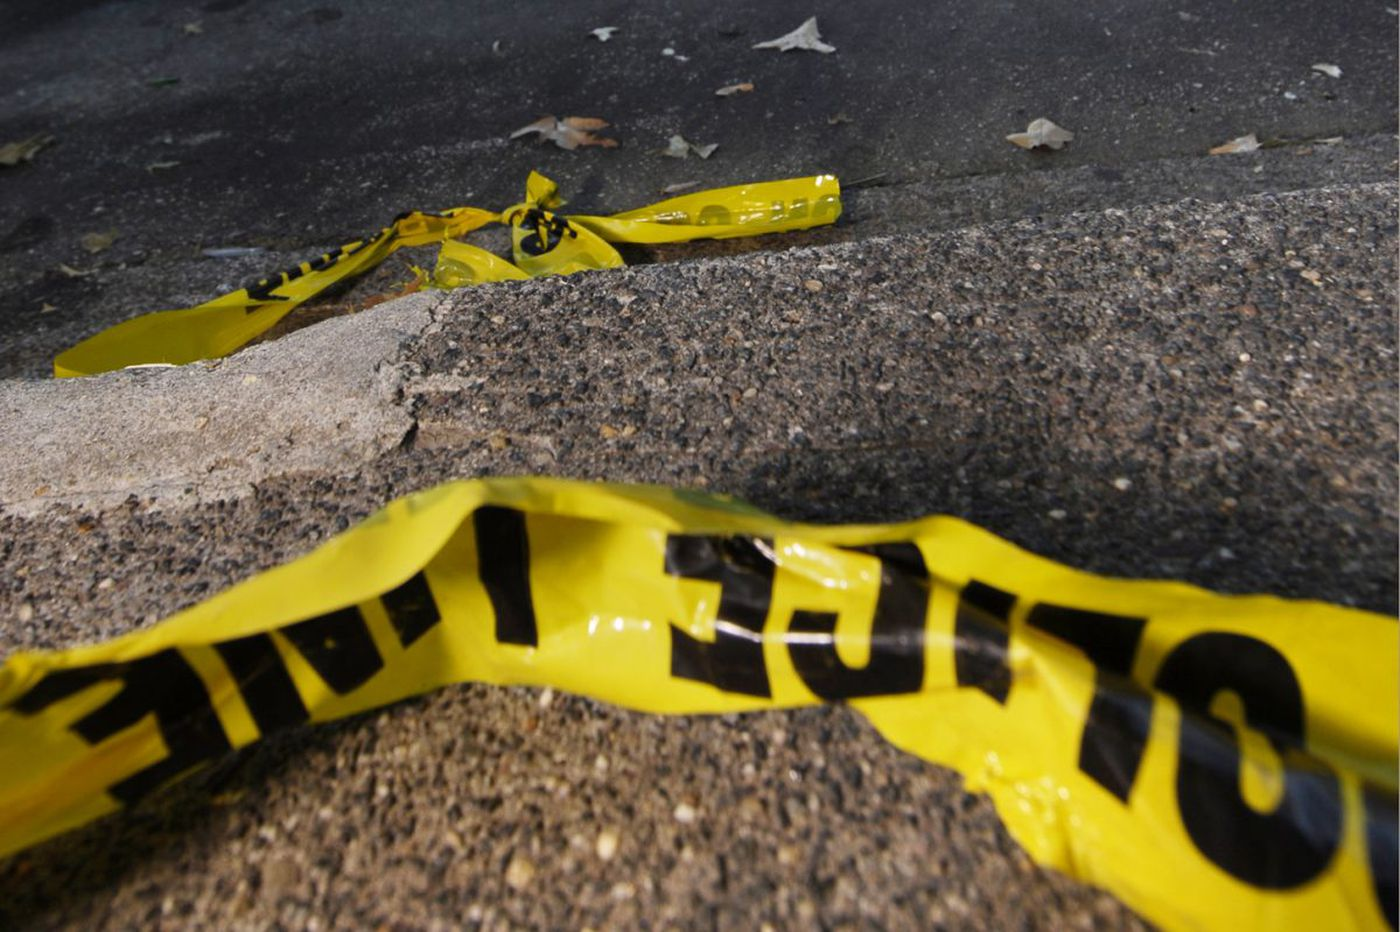 Woman fatally stabbed in Kensington identified